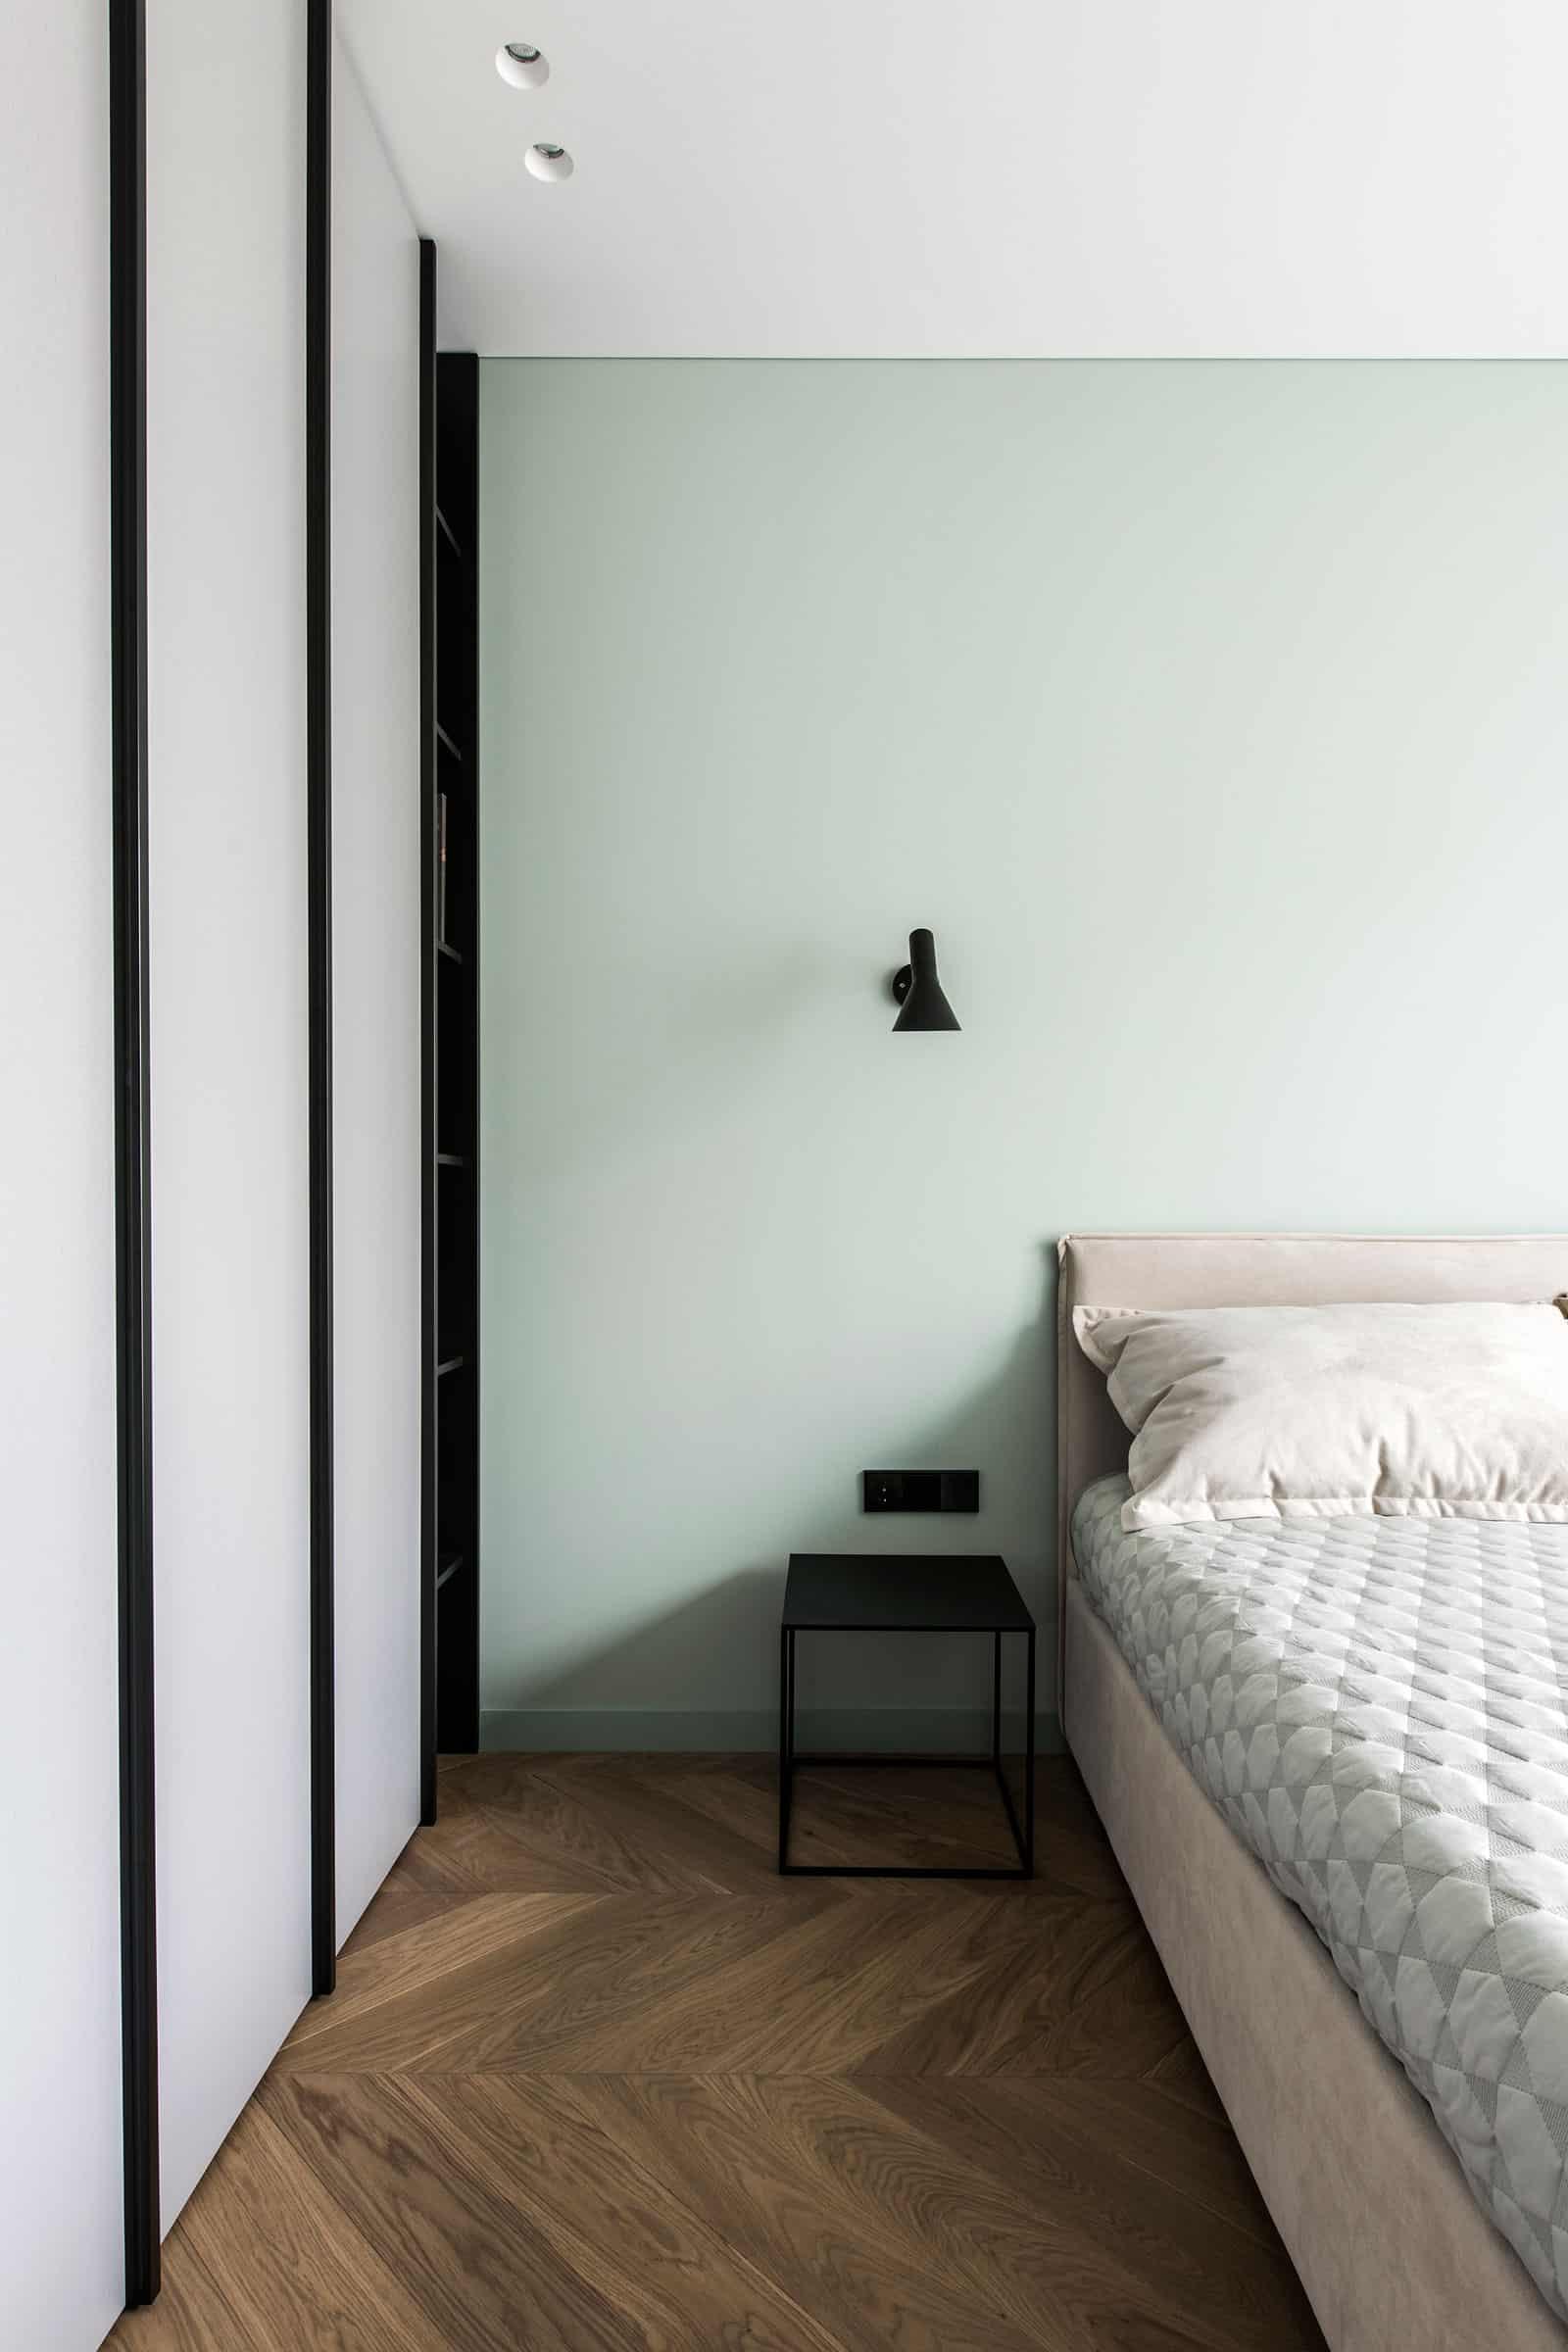 Apartment-interior-in-Basanavicius-street-10